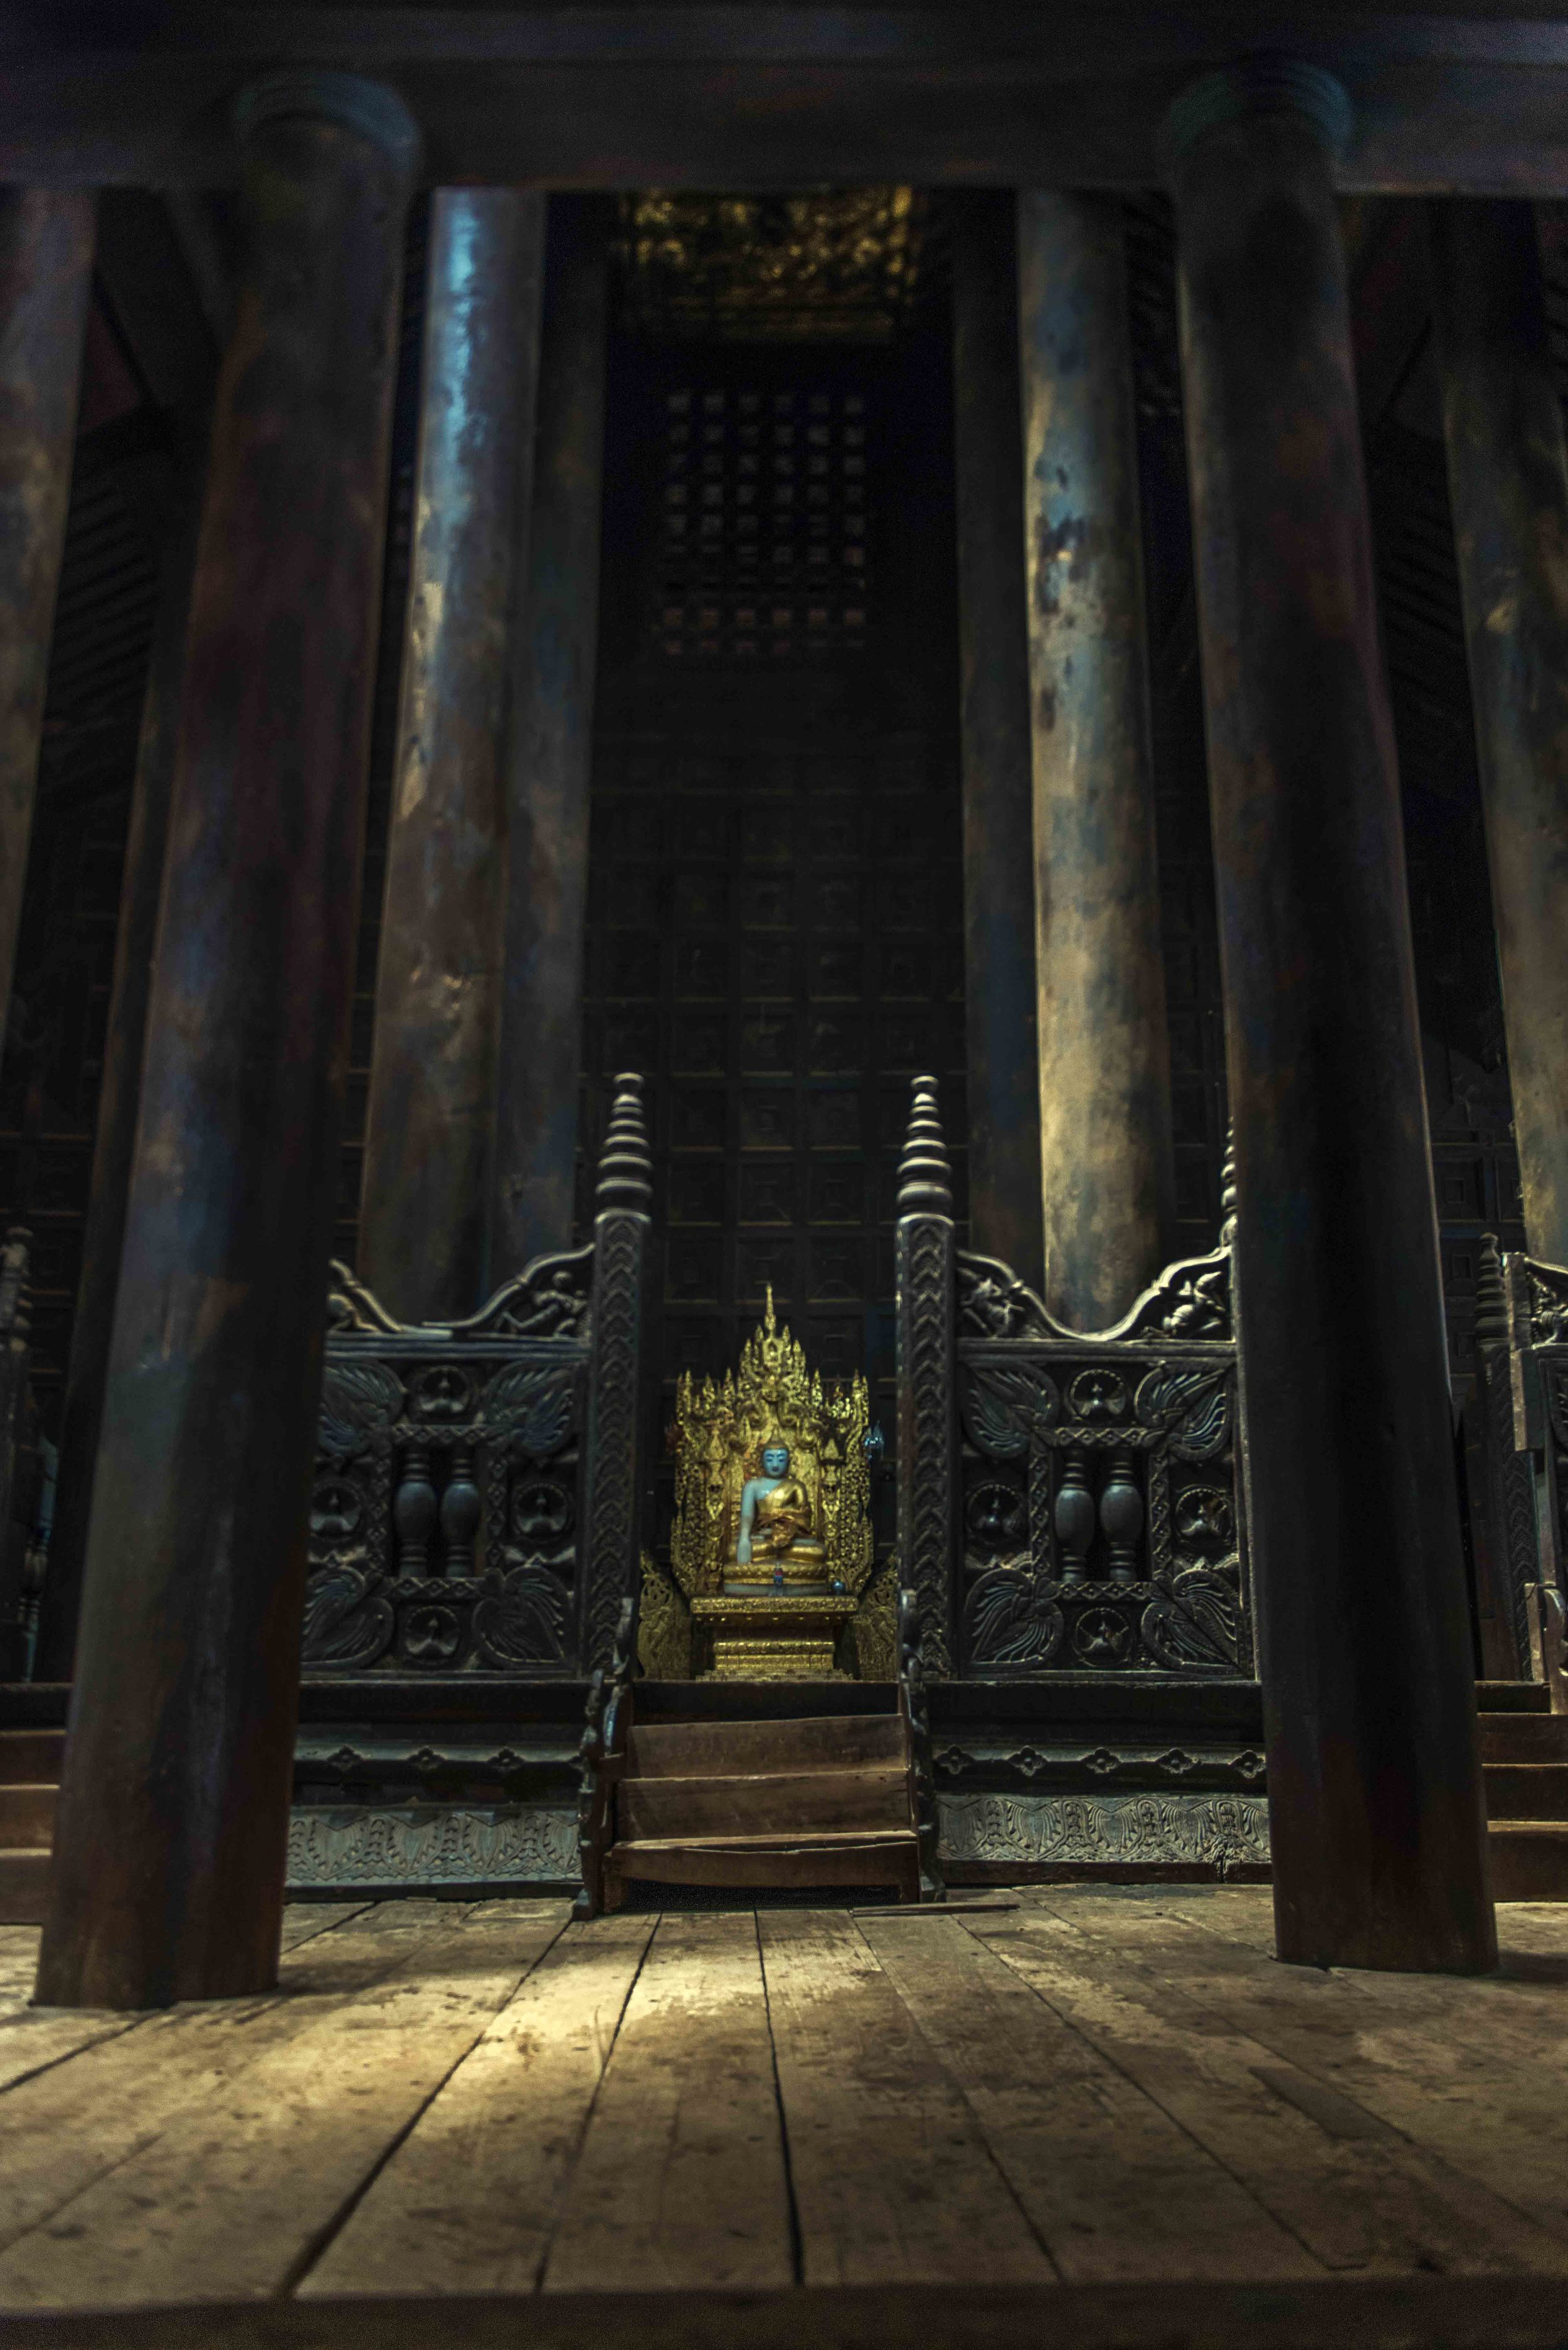 Temple, Myanmar